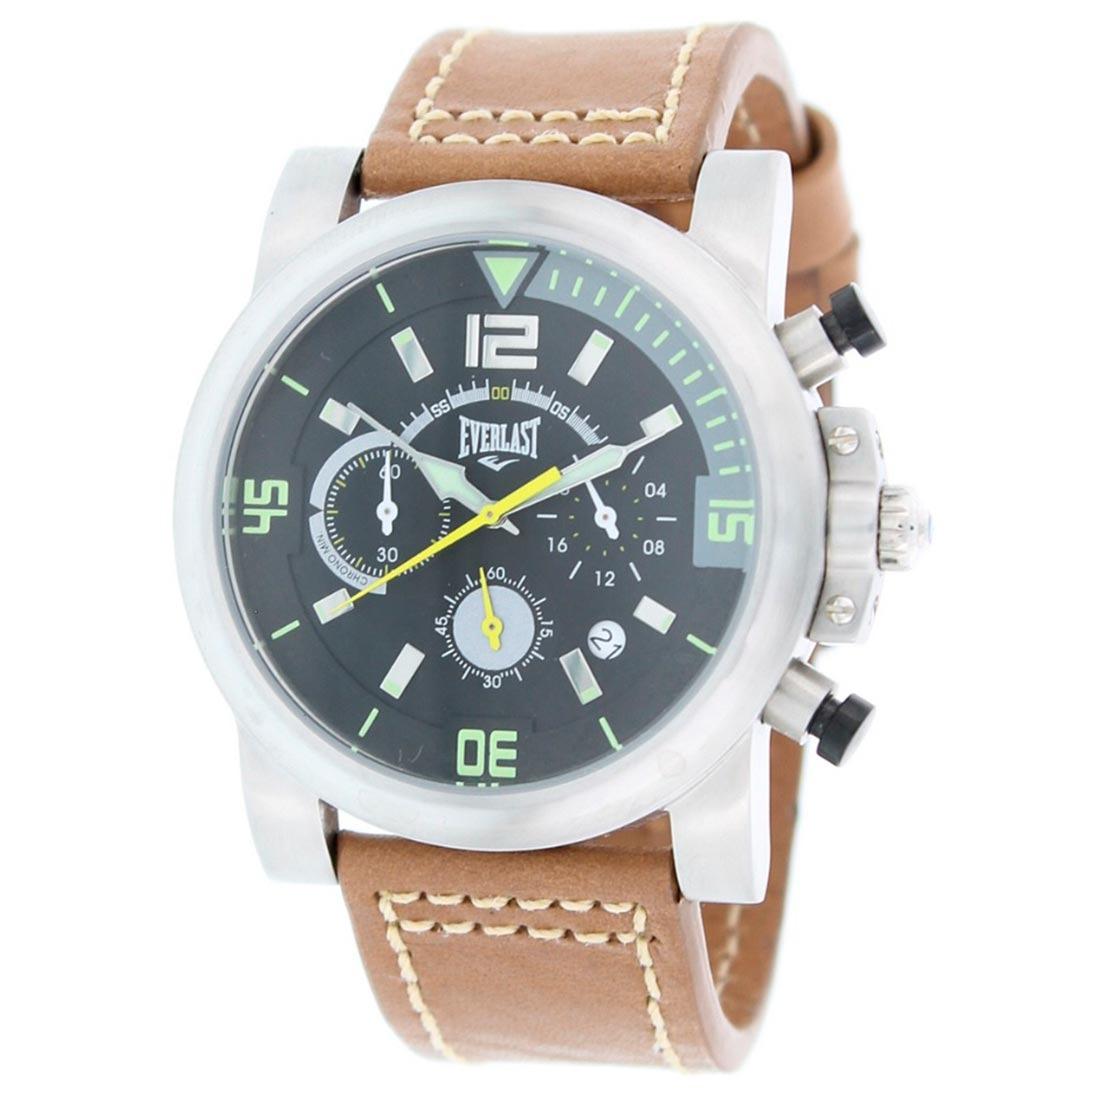 af18cc802e6 Relógio Masculino Cronógrafo Everlast - E225 - R  500